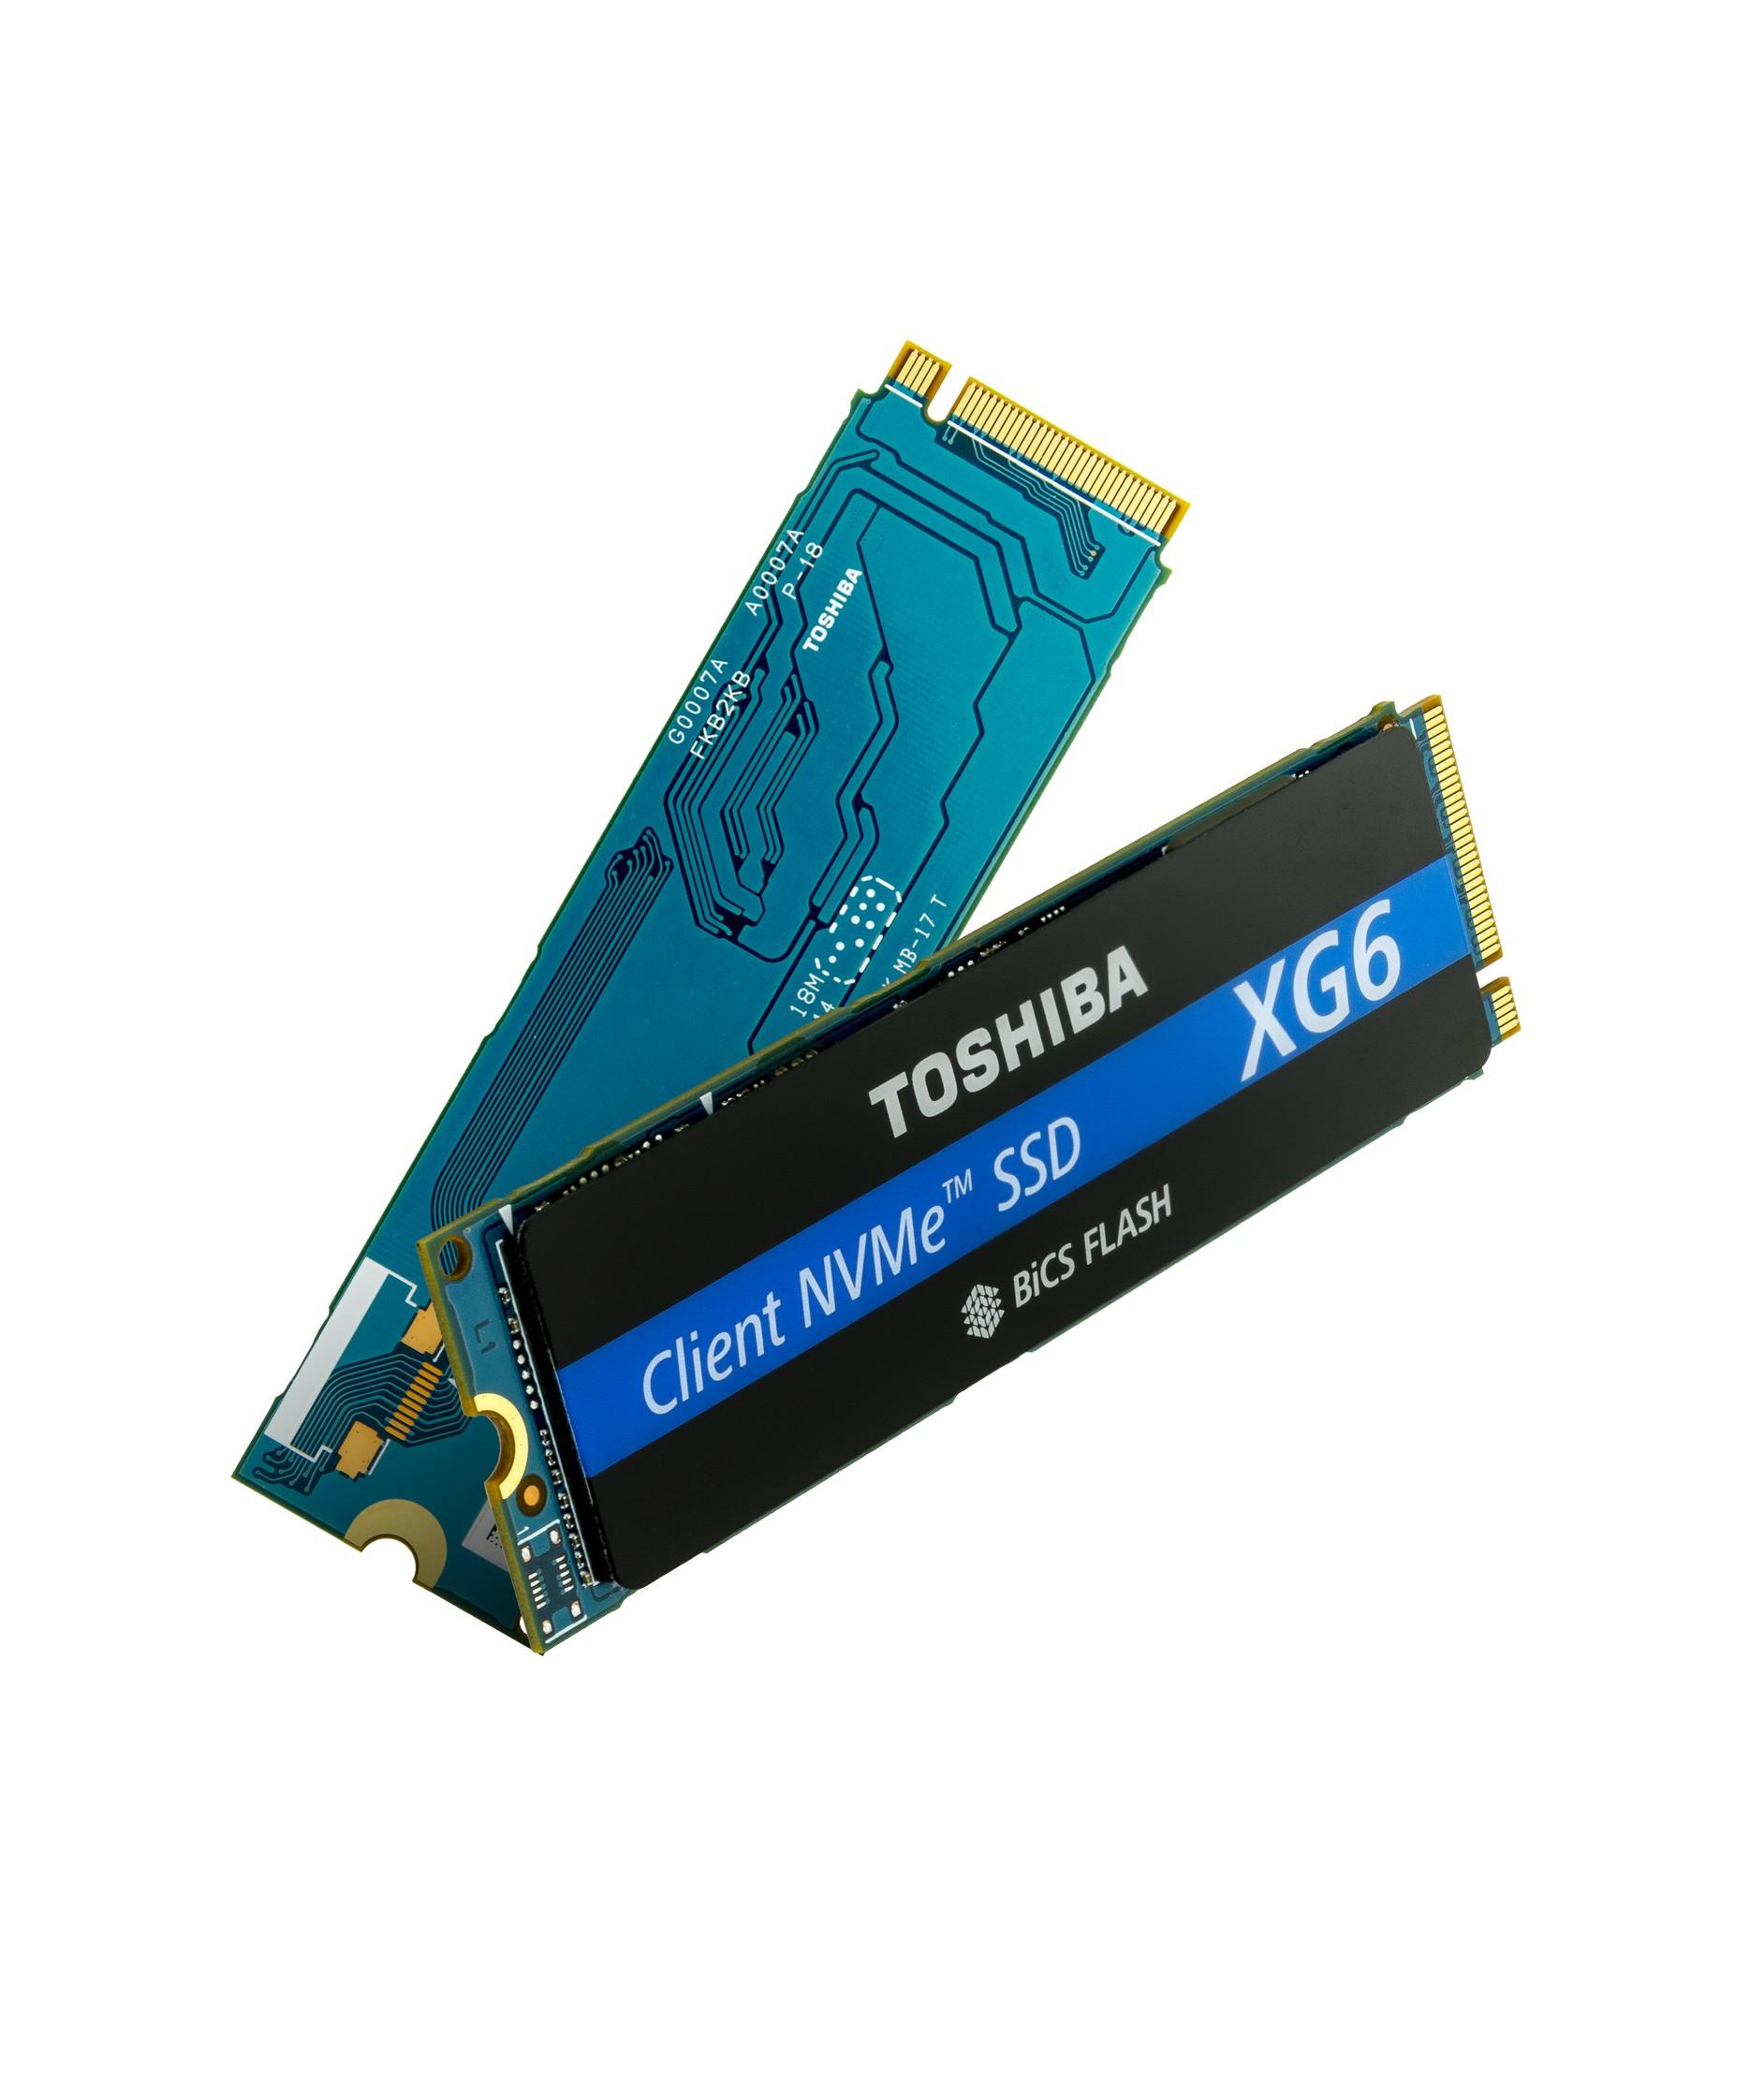 東芝記憶體公司發布業界首款採用 96 層 3D 快閃記憶體的 SSD